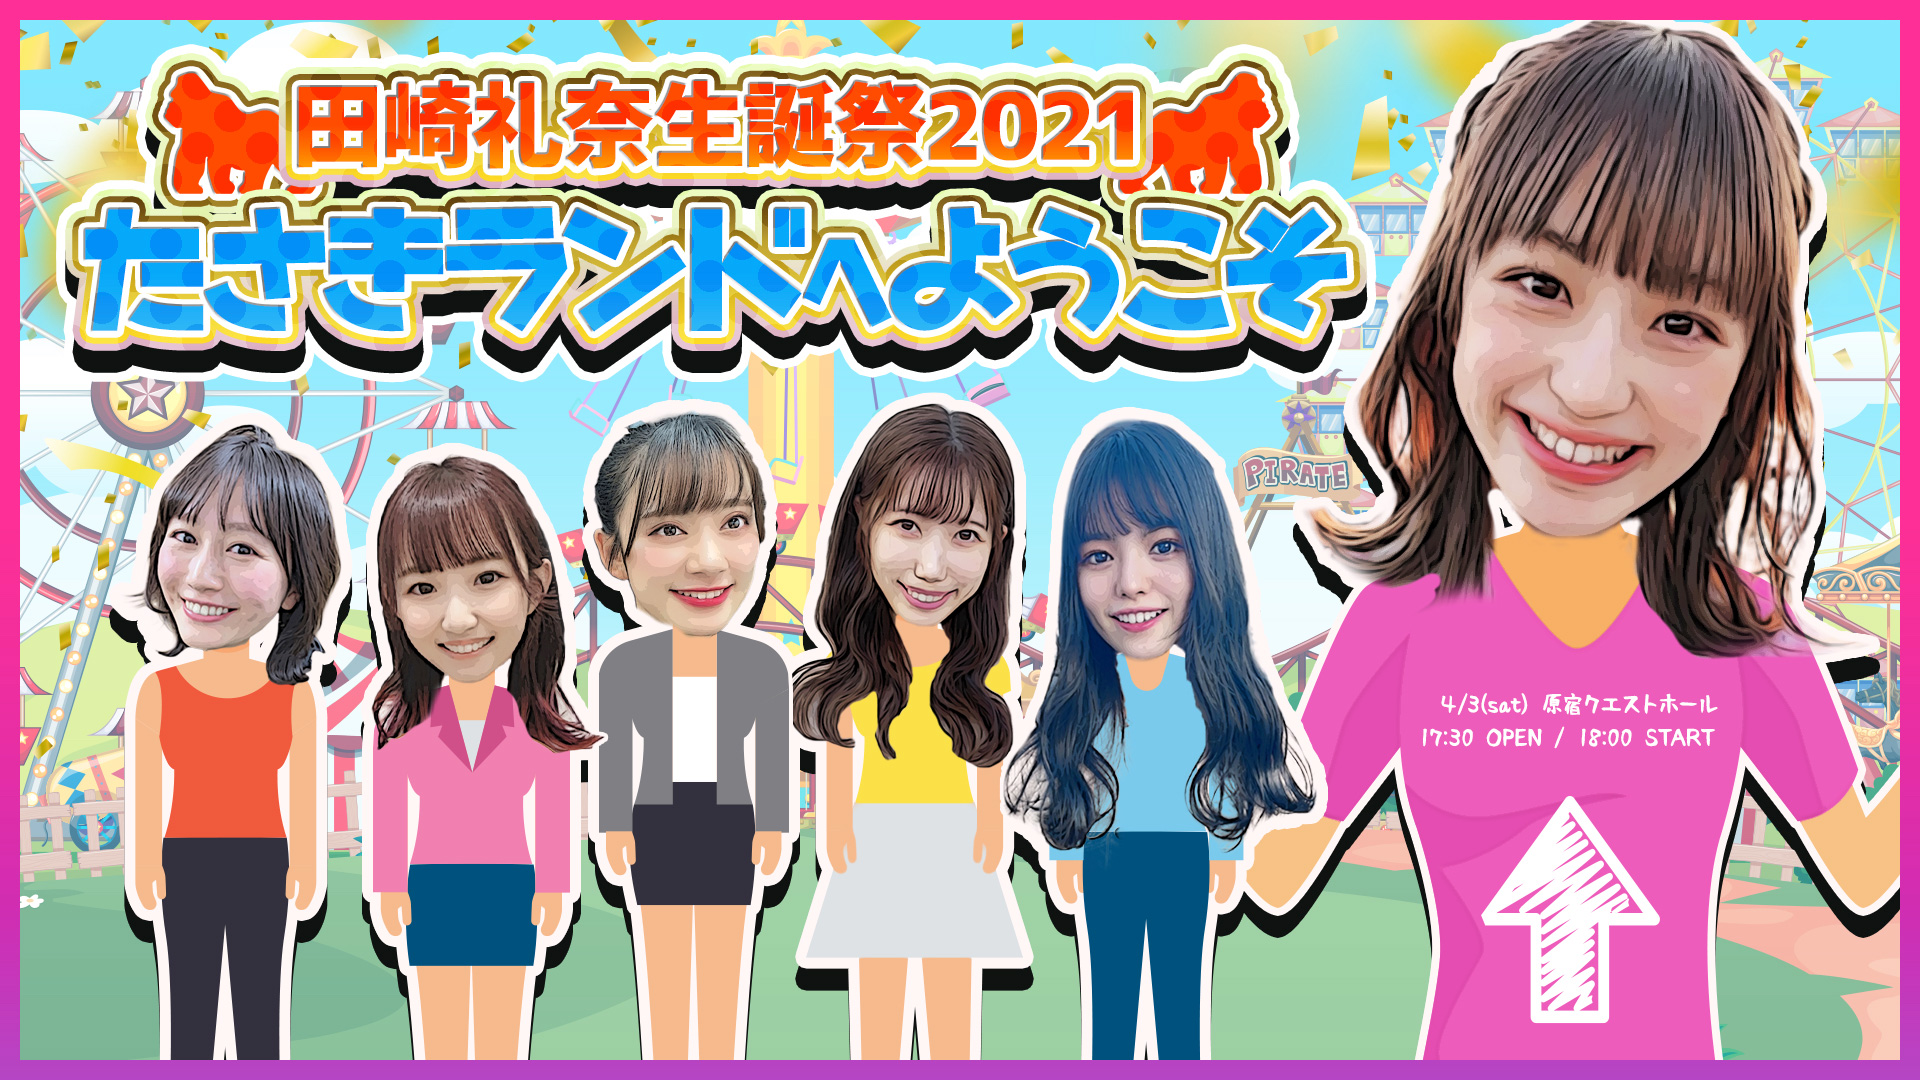 【2021/4/3】田崎礼奈生誕祭2021〜たさきランドへようこそ〜